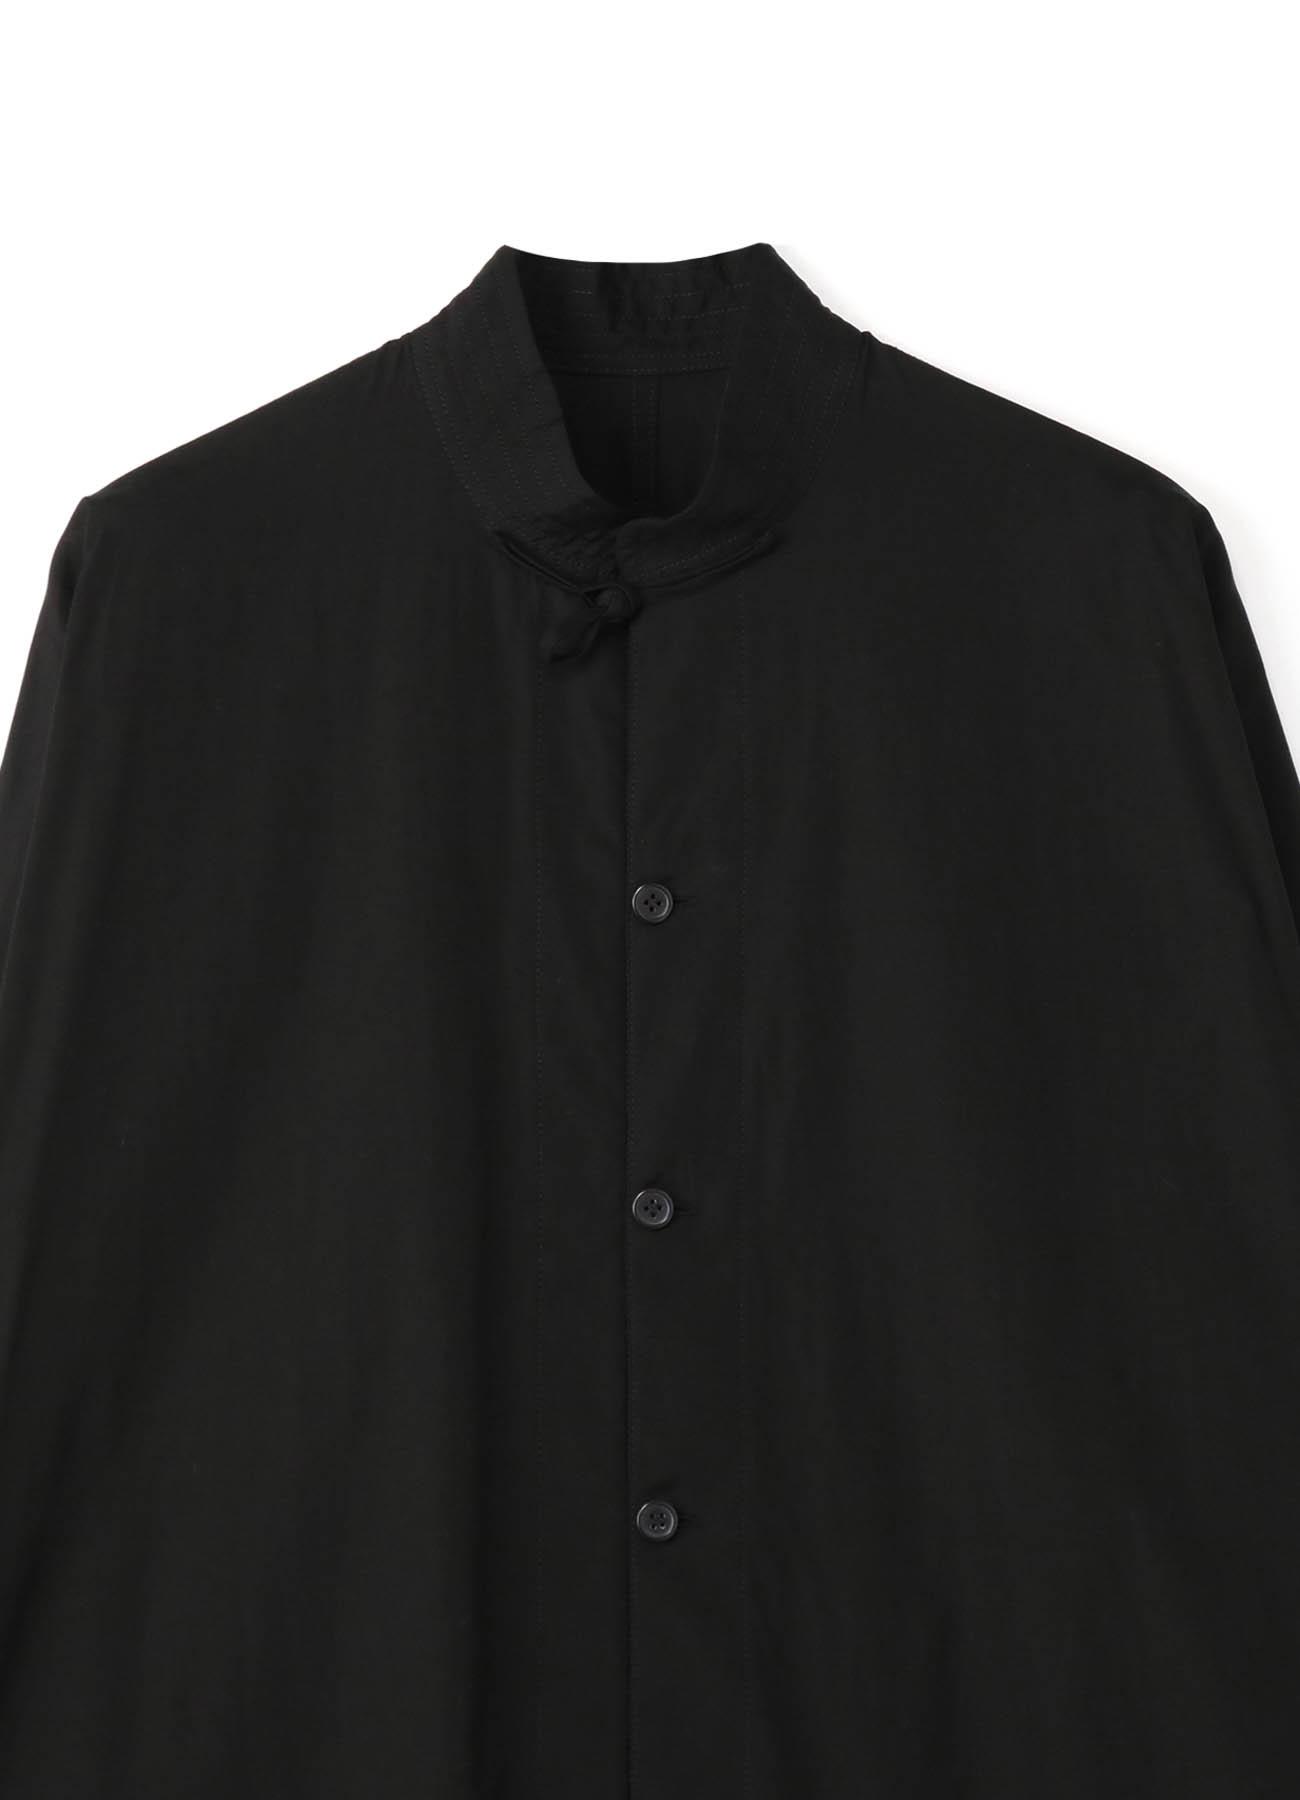 Y's BANG ON!No.120 China-shirts Cotton broad